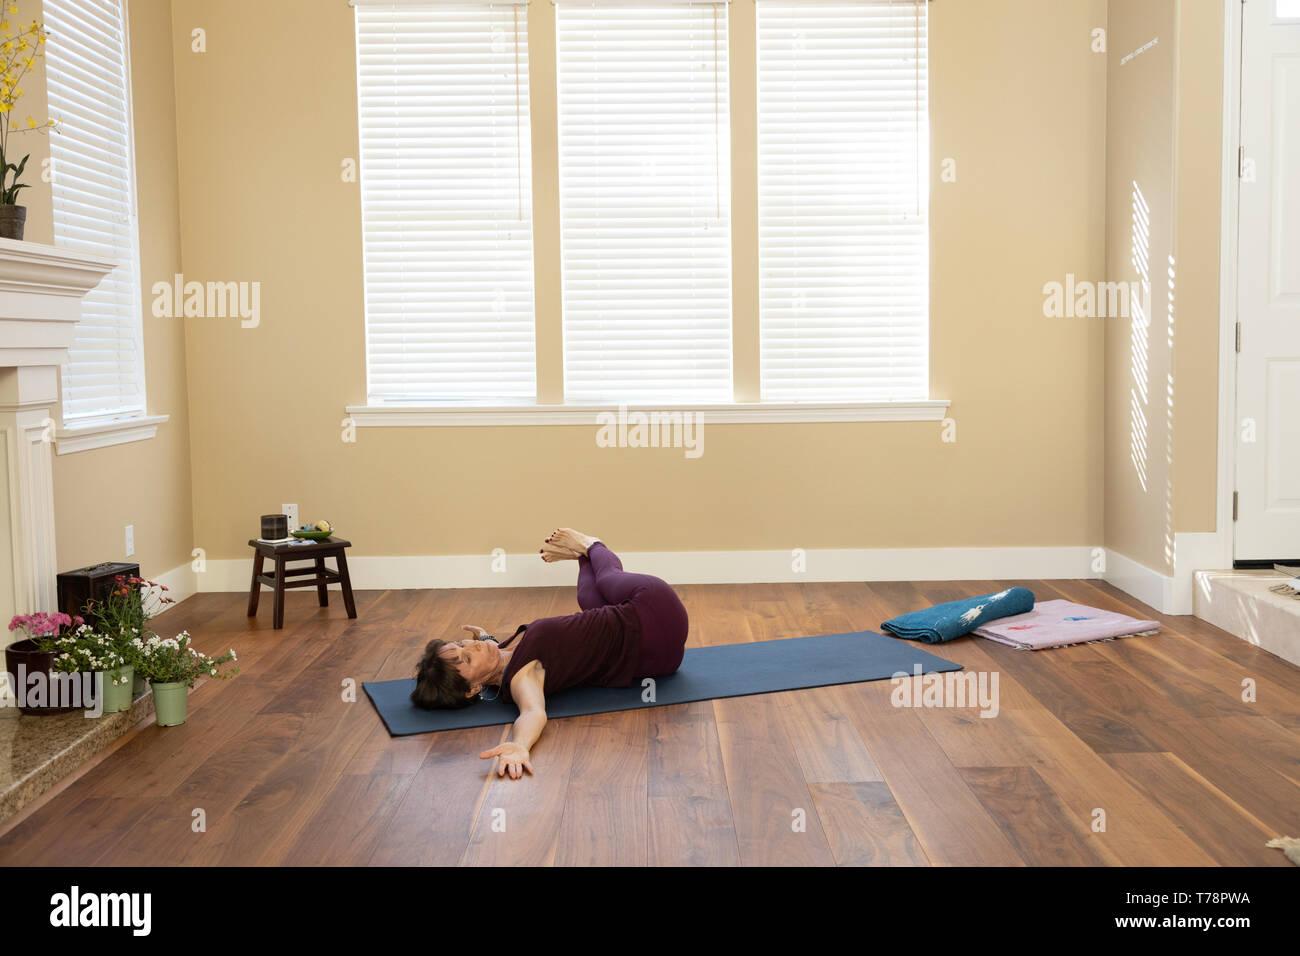 Yoga Supine Twist deep left - Stock Image